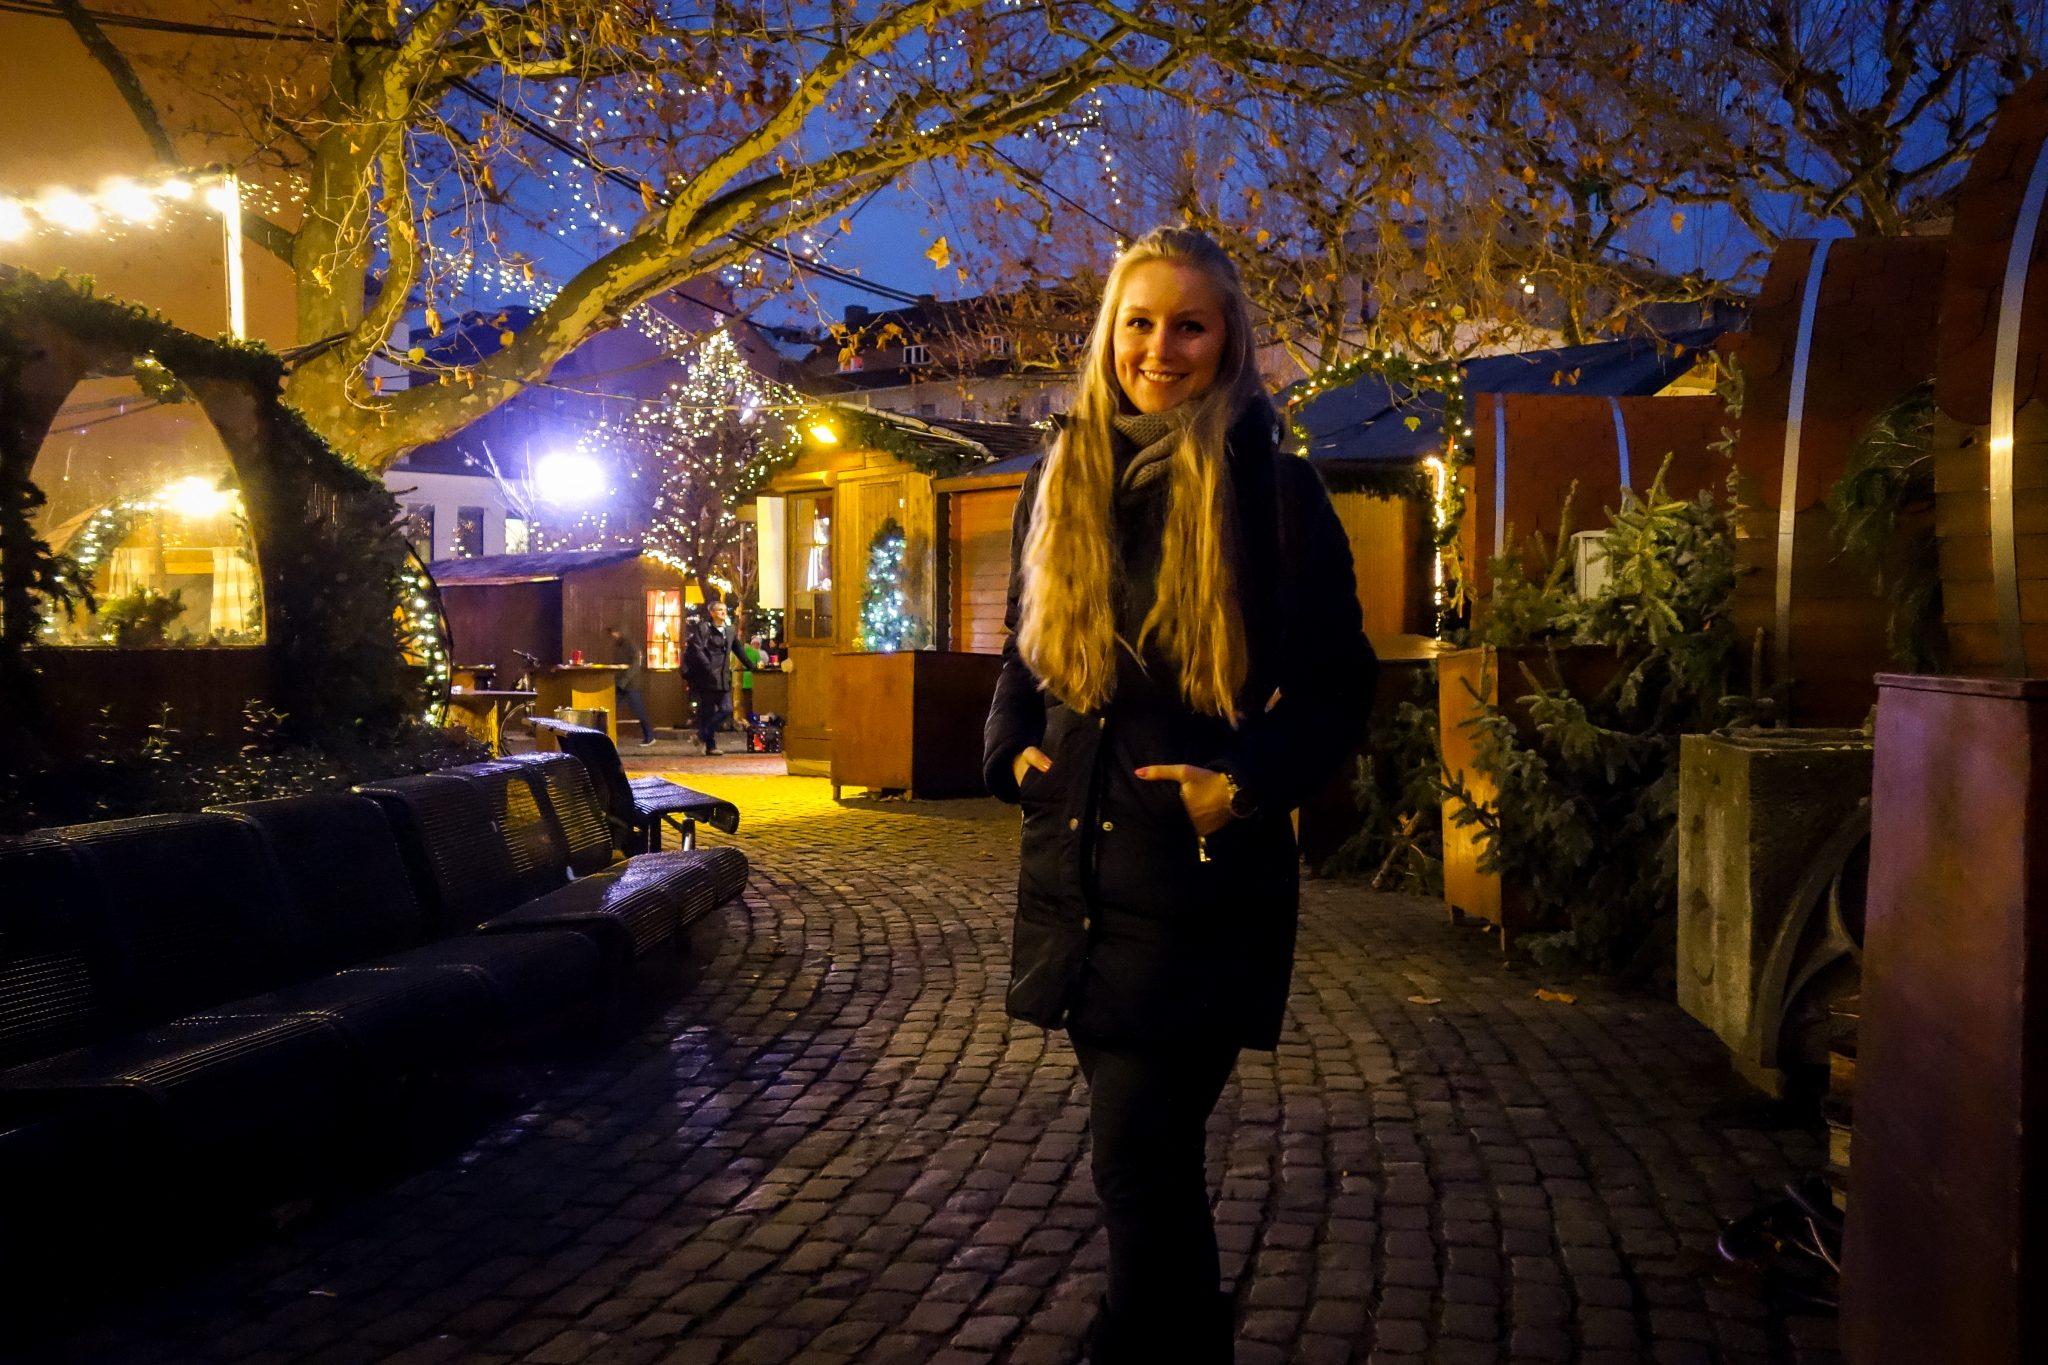 Mainzer Weihnachtsmarkt: Im romantischen Weihnachtsdorf kannst du dich aufwärmen, denn dort gibt es auch eine Feuerstelle.